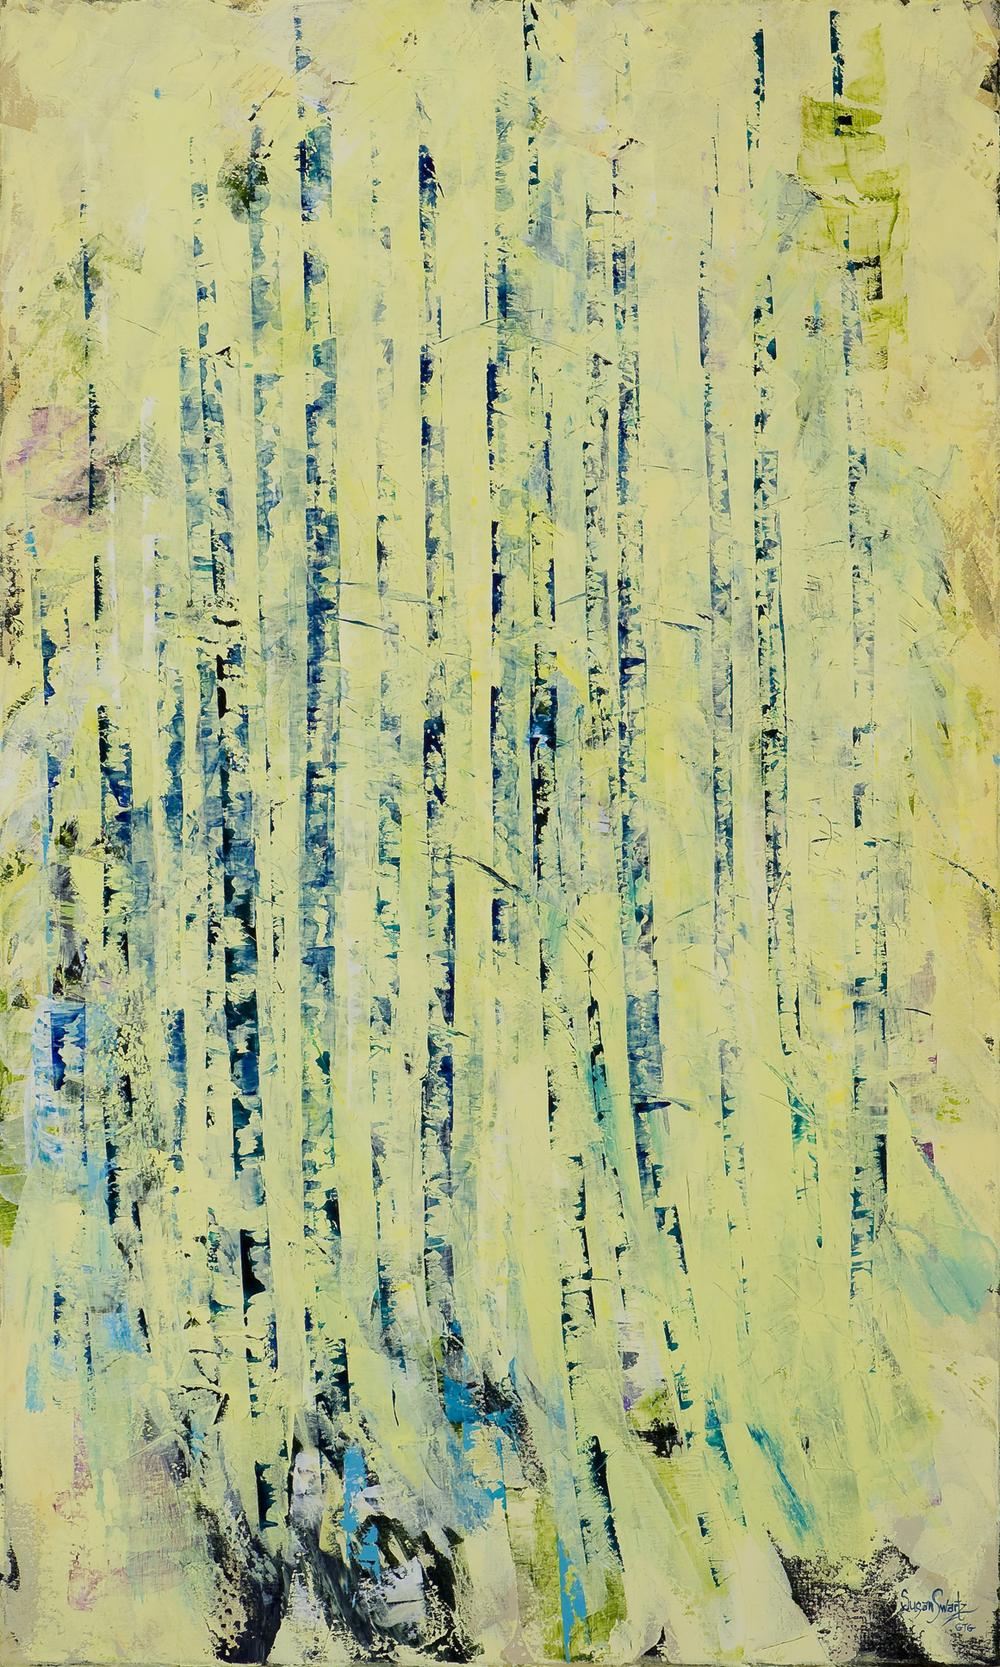 Azure Rhythm  36 x 60 in, 91 x 152 cm